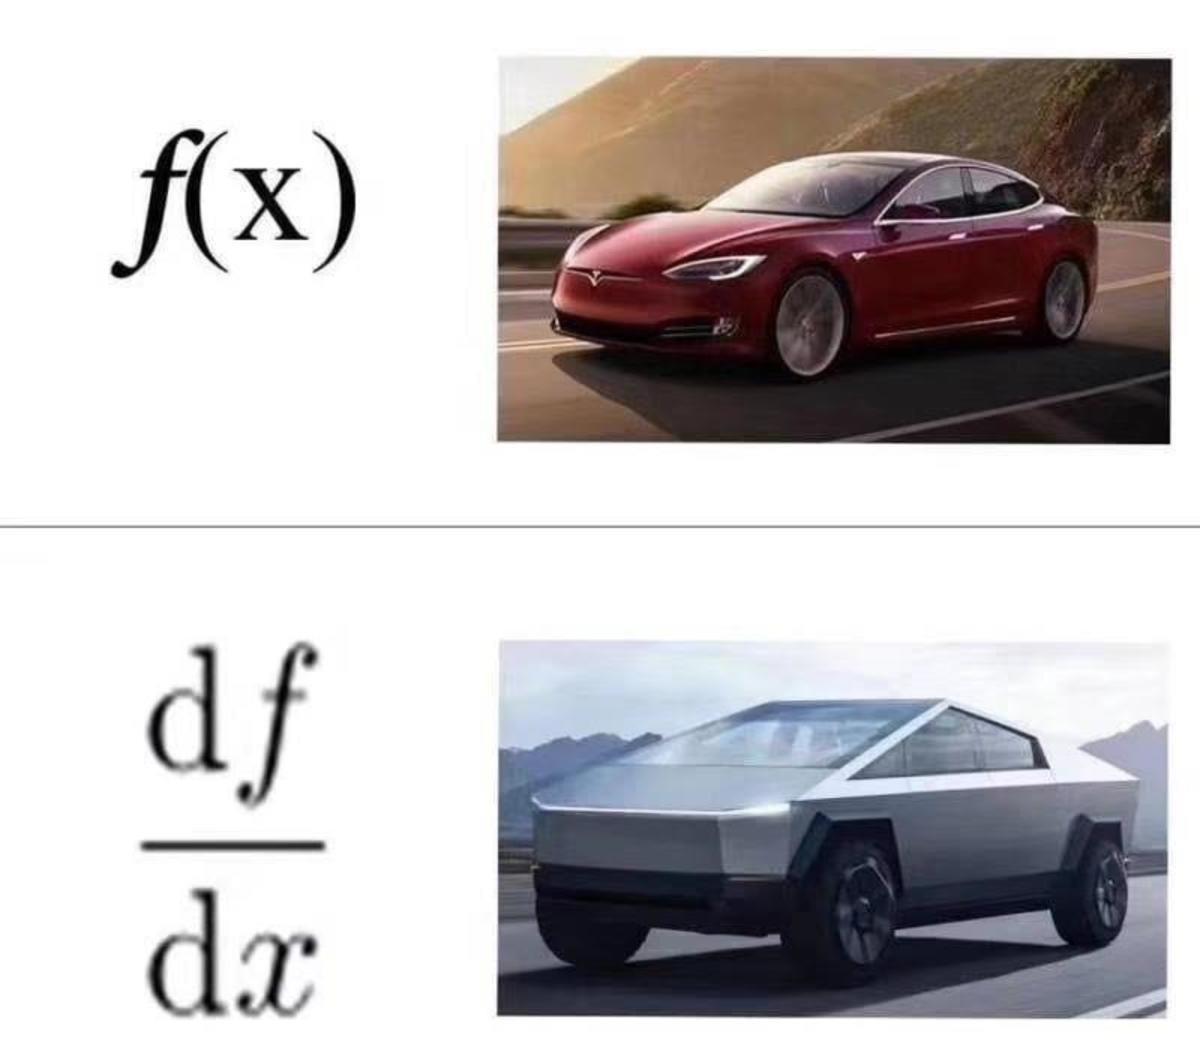 d(e)riving - meme